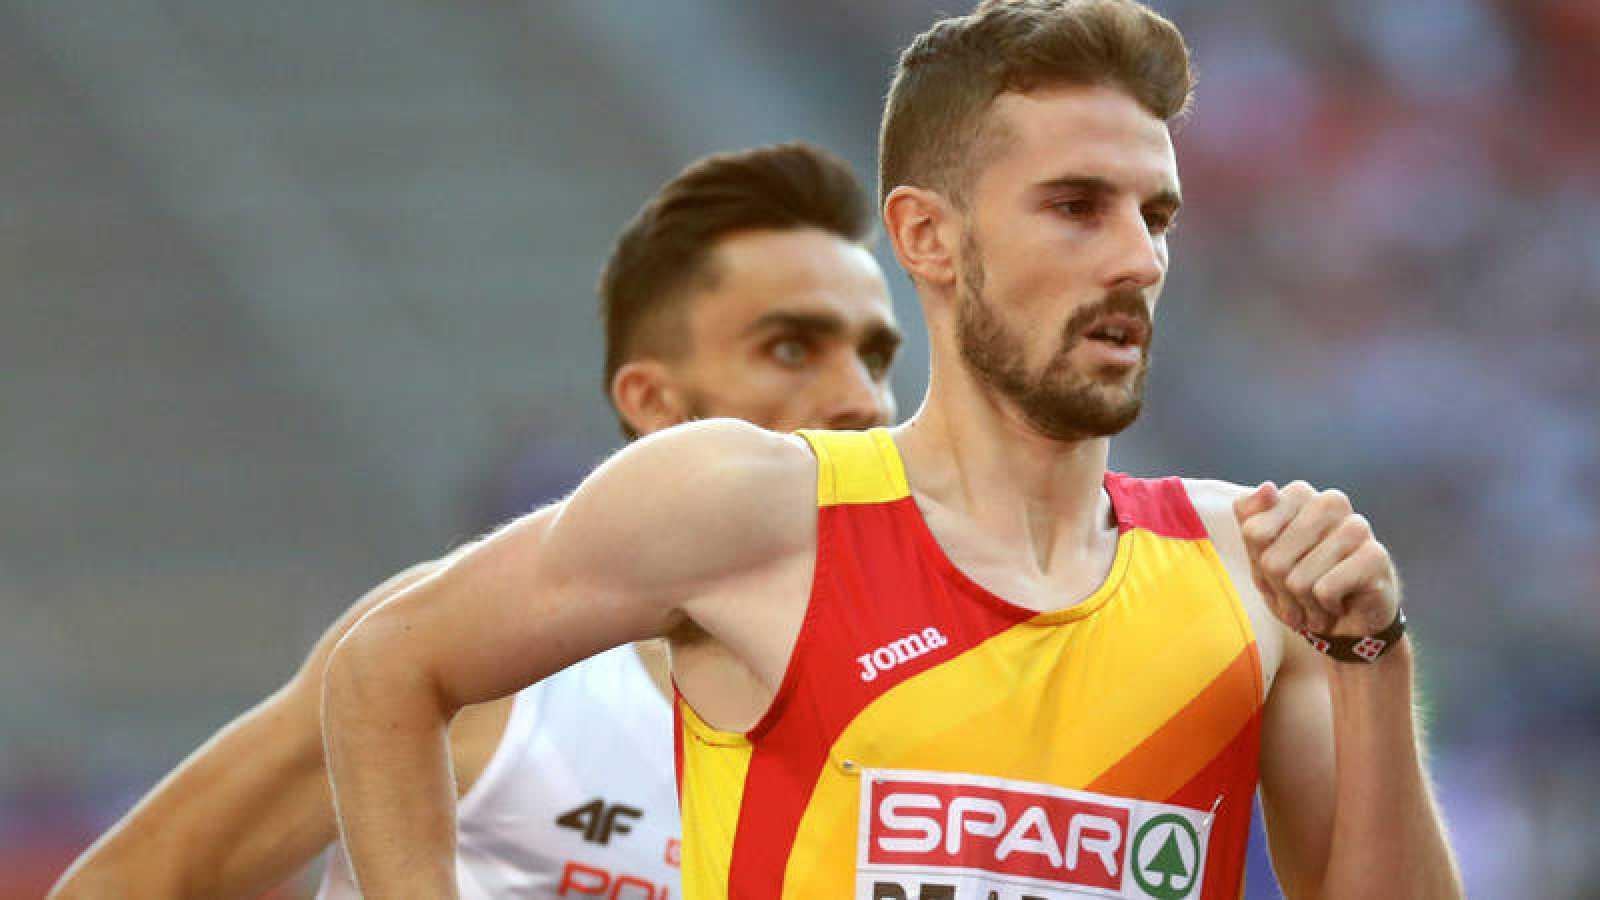 El atletia español Álvaro de Arriba.